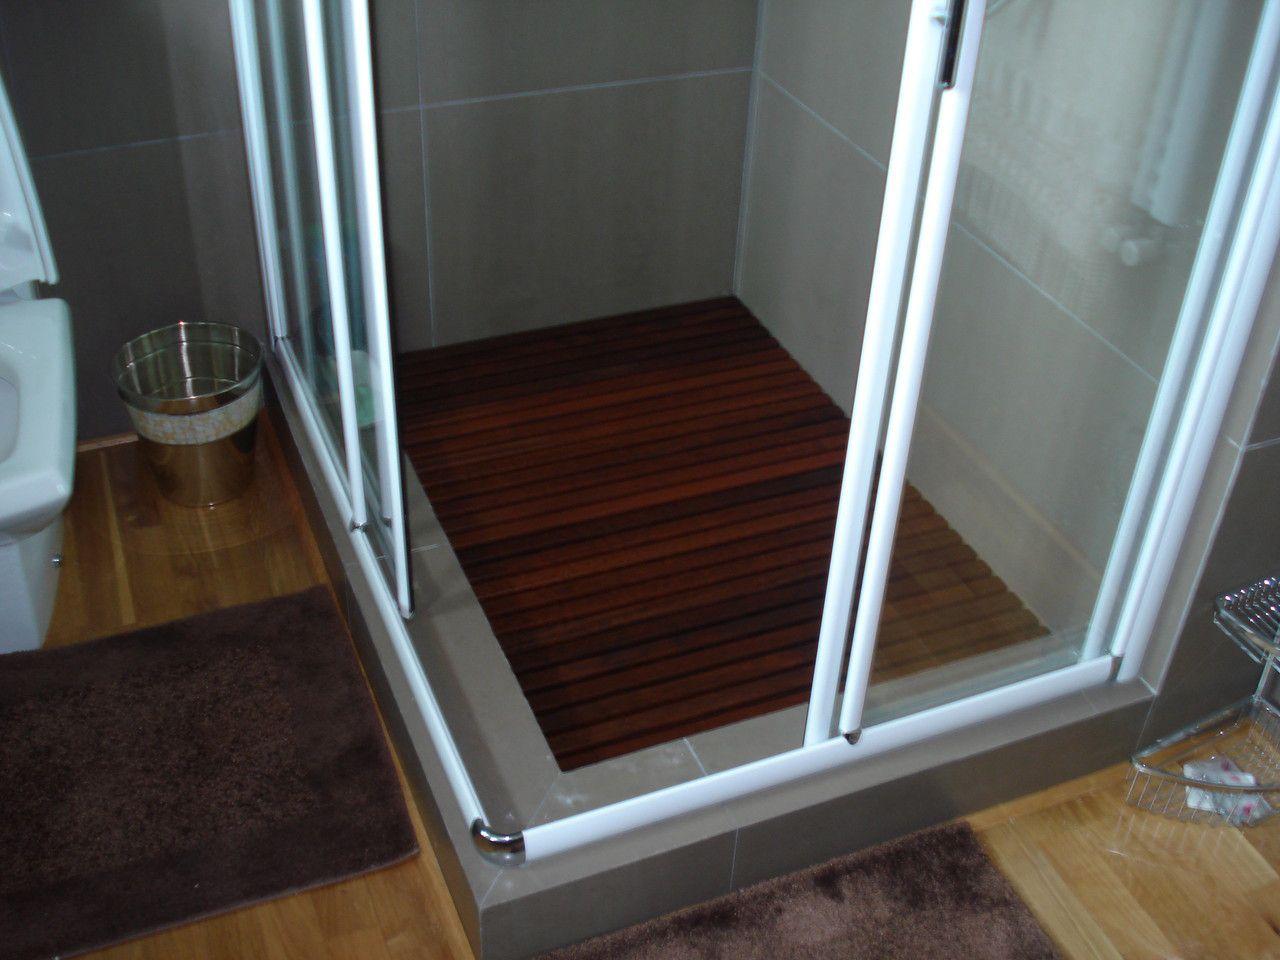 Deck De Madeira Chuveiro Box Banheiro Capacho 120x70 cm Verniz